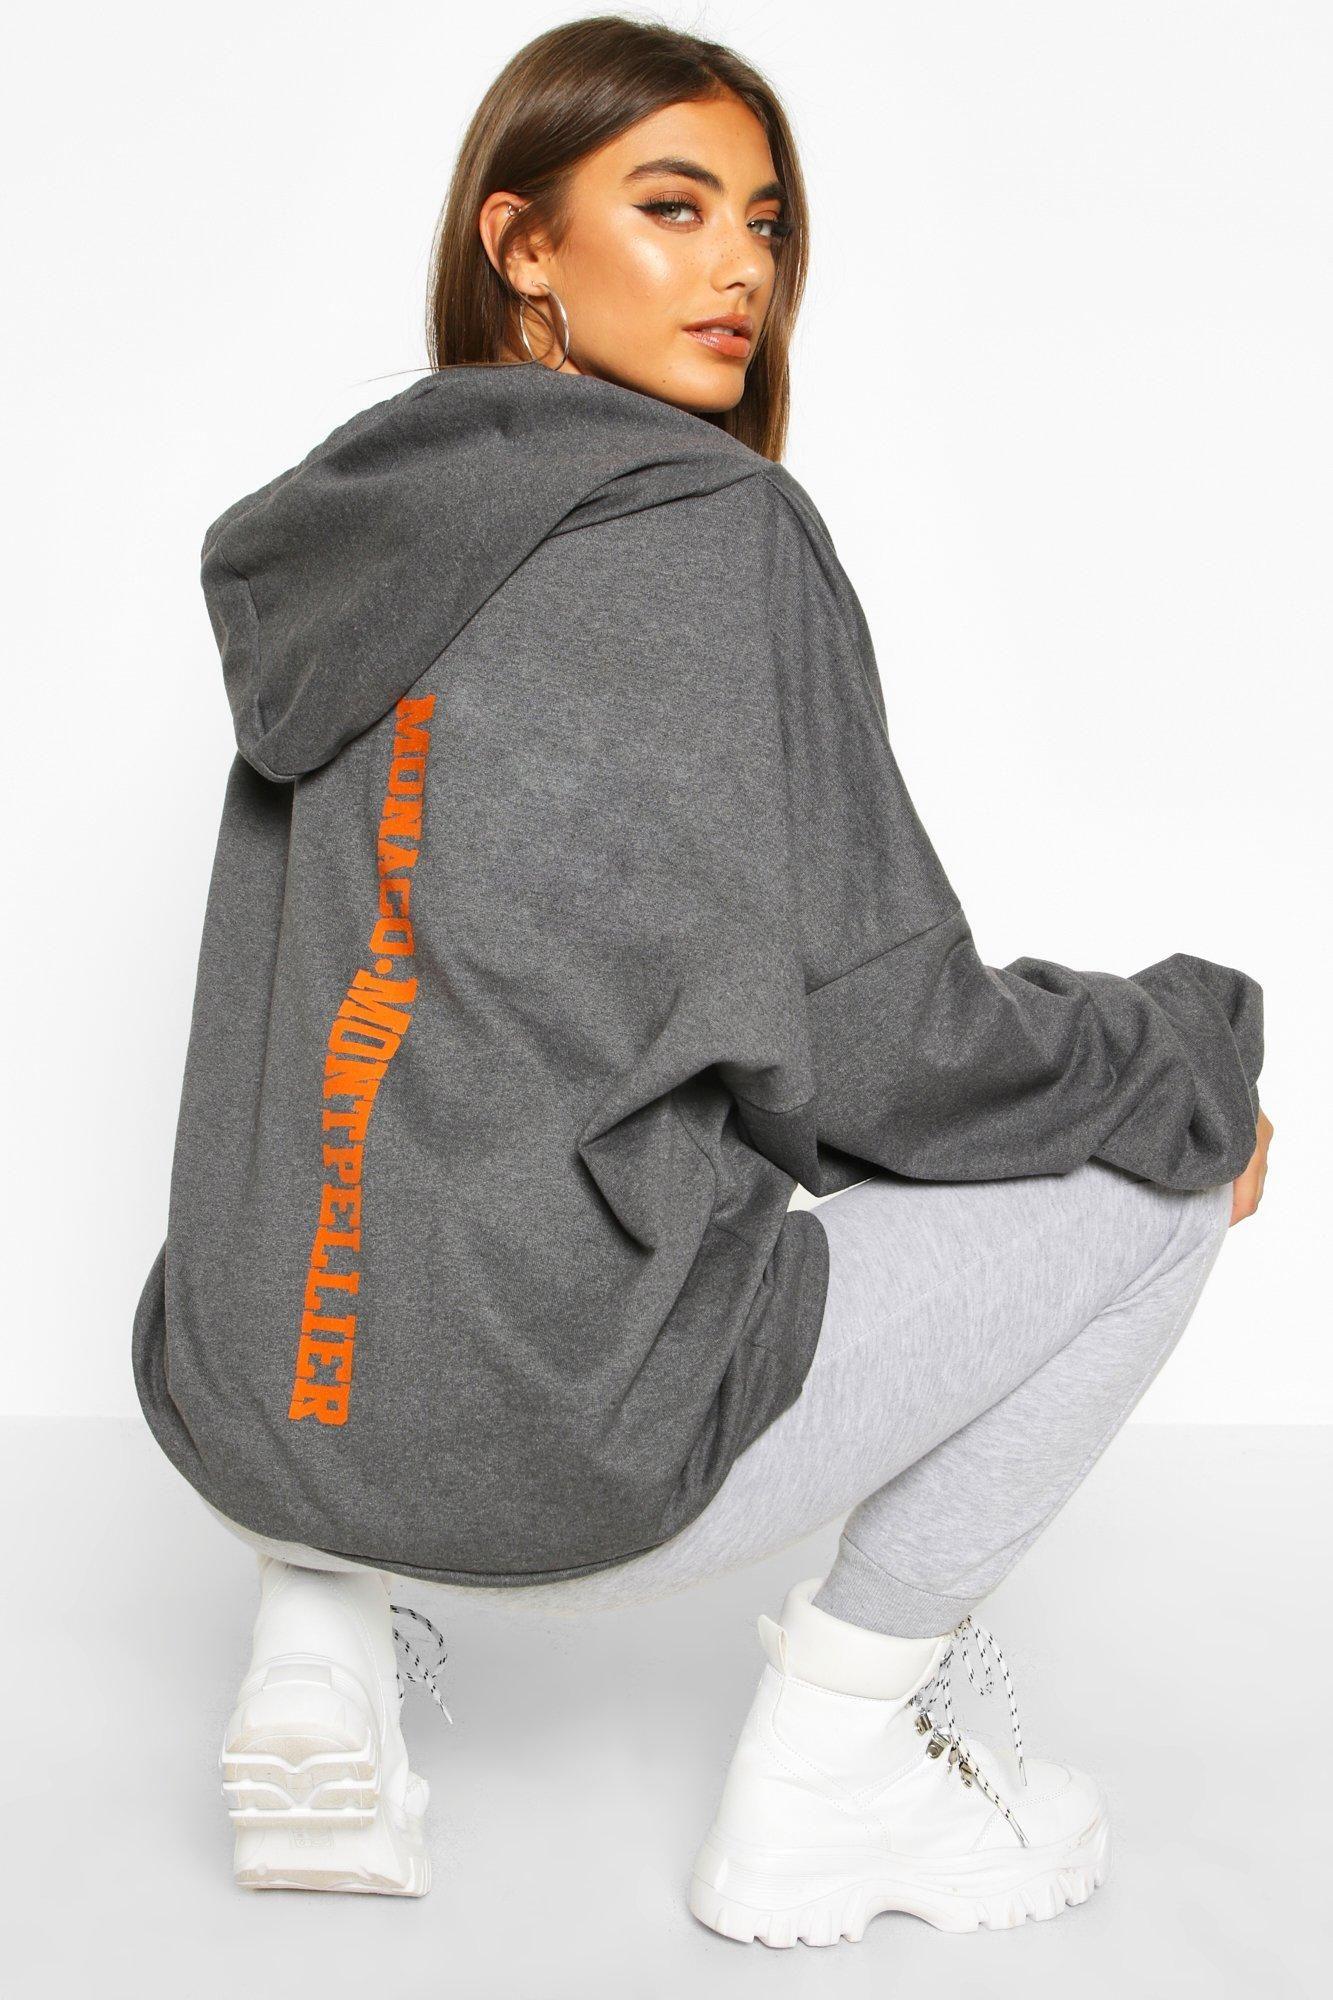 Premium Extreem Oversized Hoodie Met Rugopdruk Boohoo Nederland Hoodie Print Hoodies Hoodies Womens [ 2000 x 1333 Pixel ]